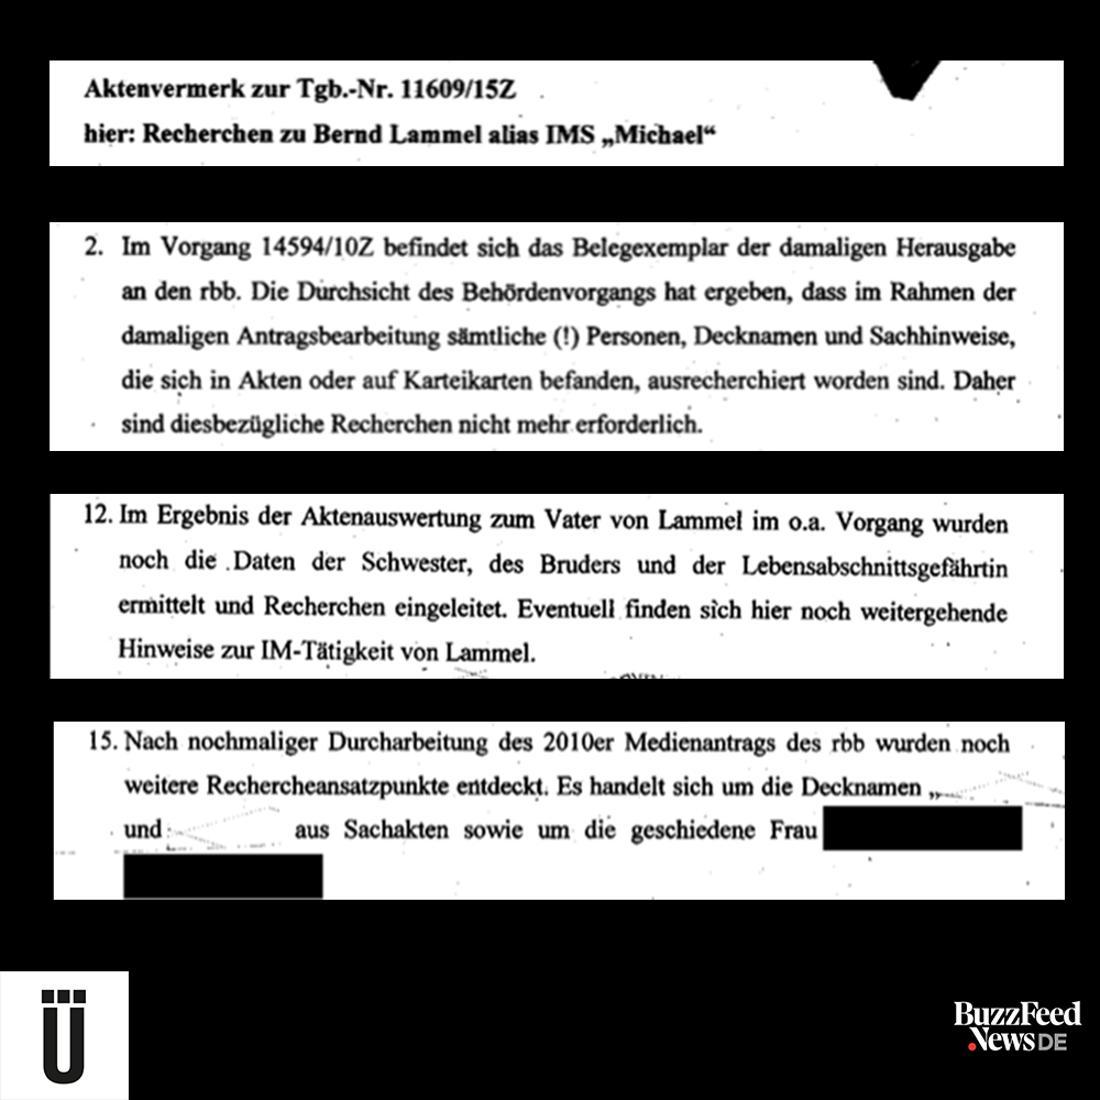 """Nachdem bekannte Personen """"ausrecherchiert"""" sind, leitet der Sachbearbeiter in der Stasi-Unterlagenbehörde noch Recherchen zu Akten über den Vater, die Schwester, den Bruder und die Lebensgefährtin von Bernd Lammel ein."""